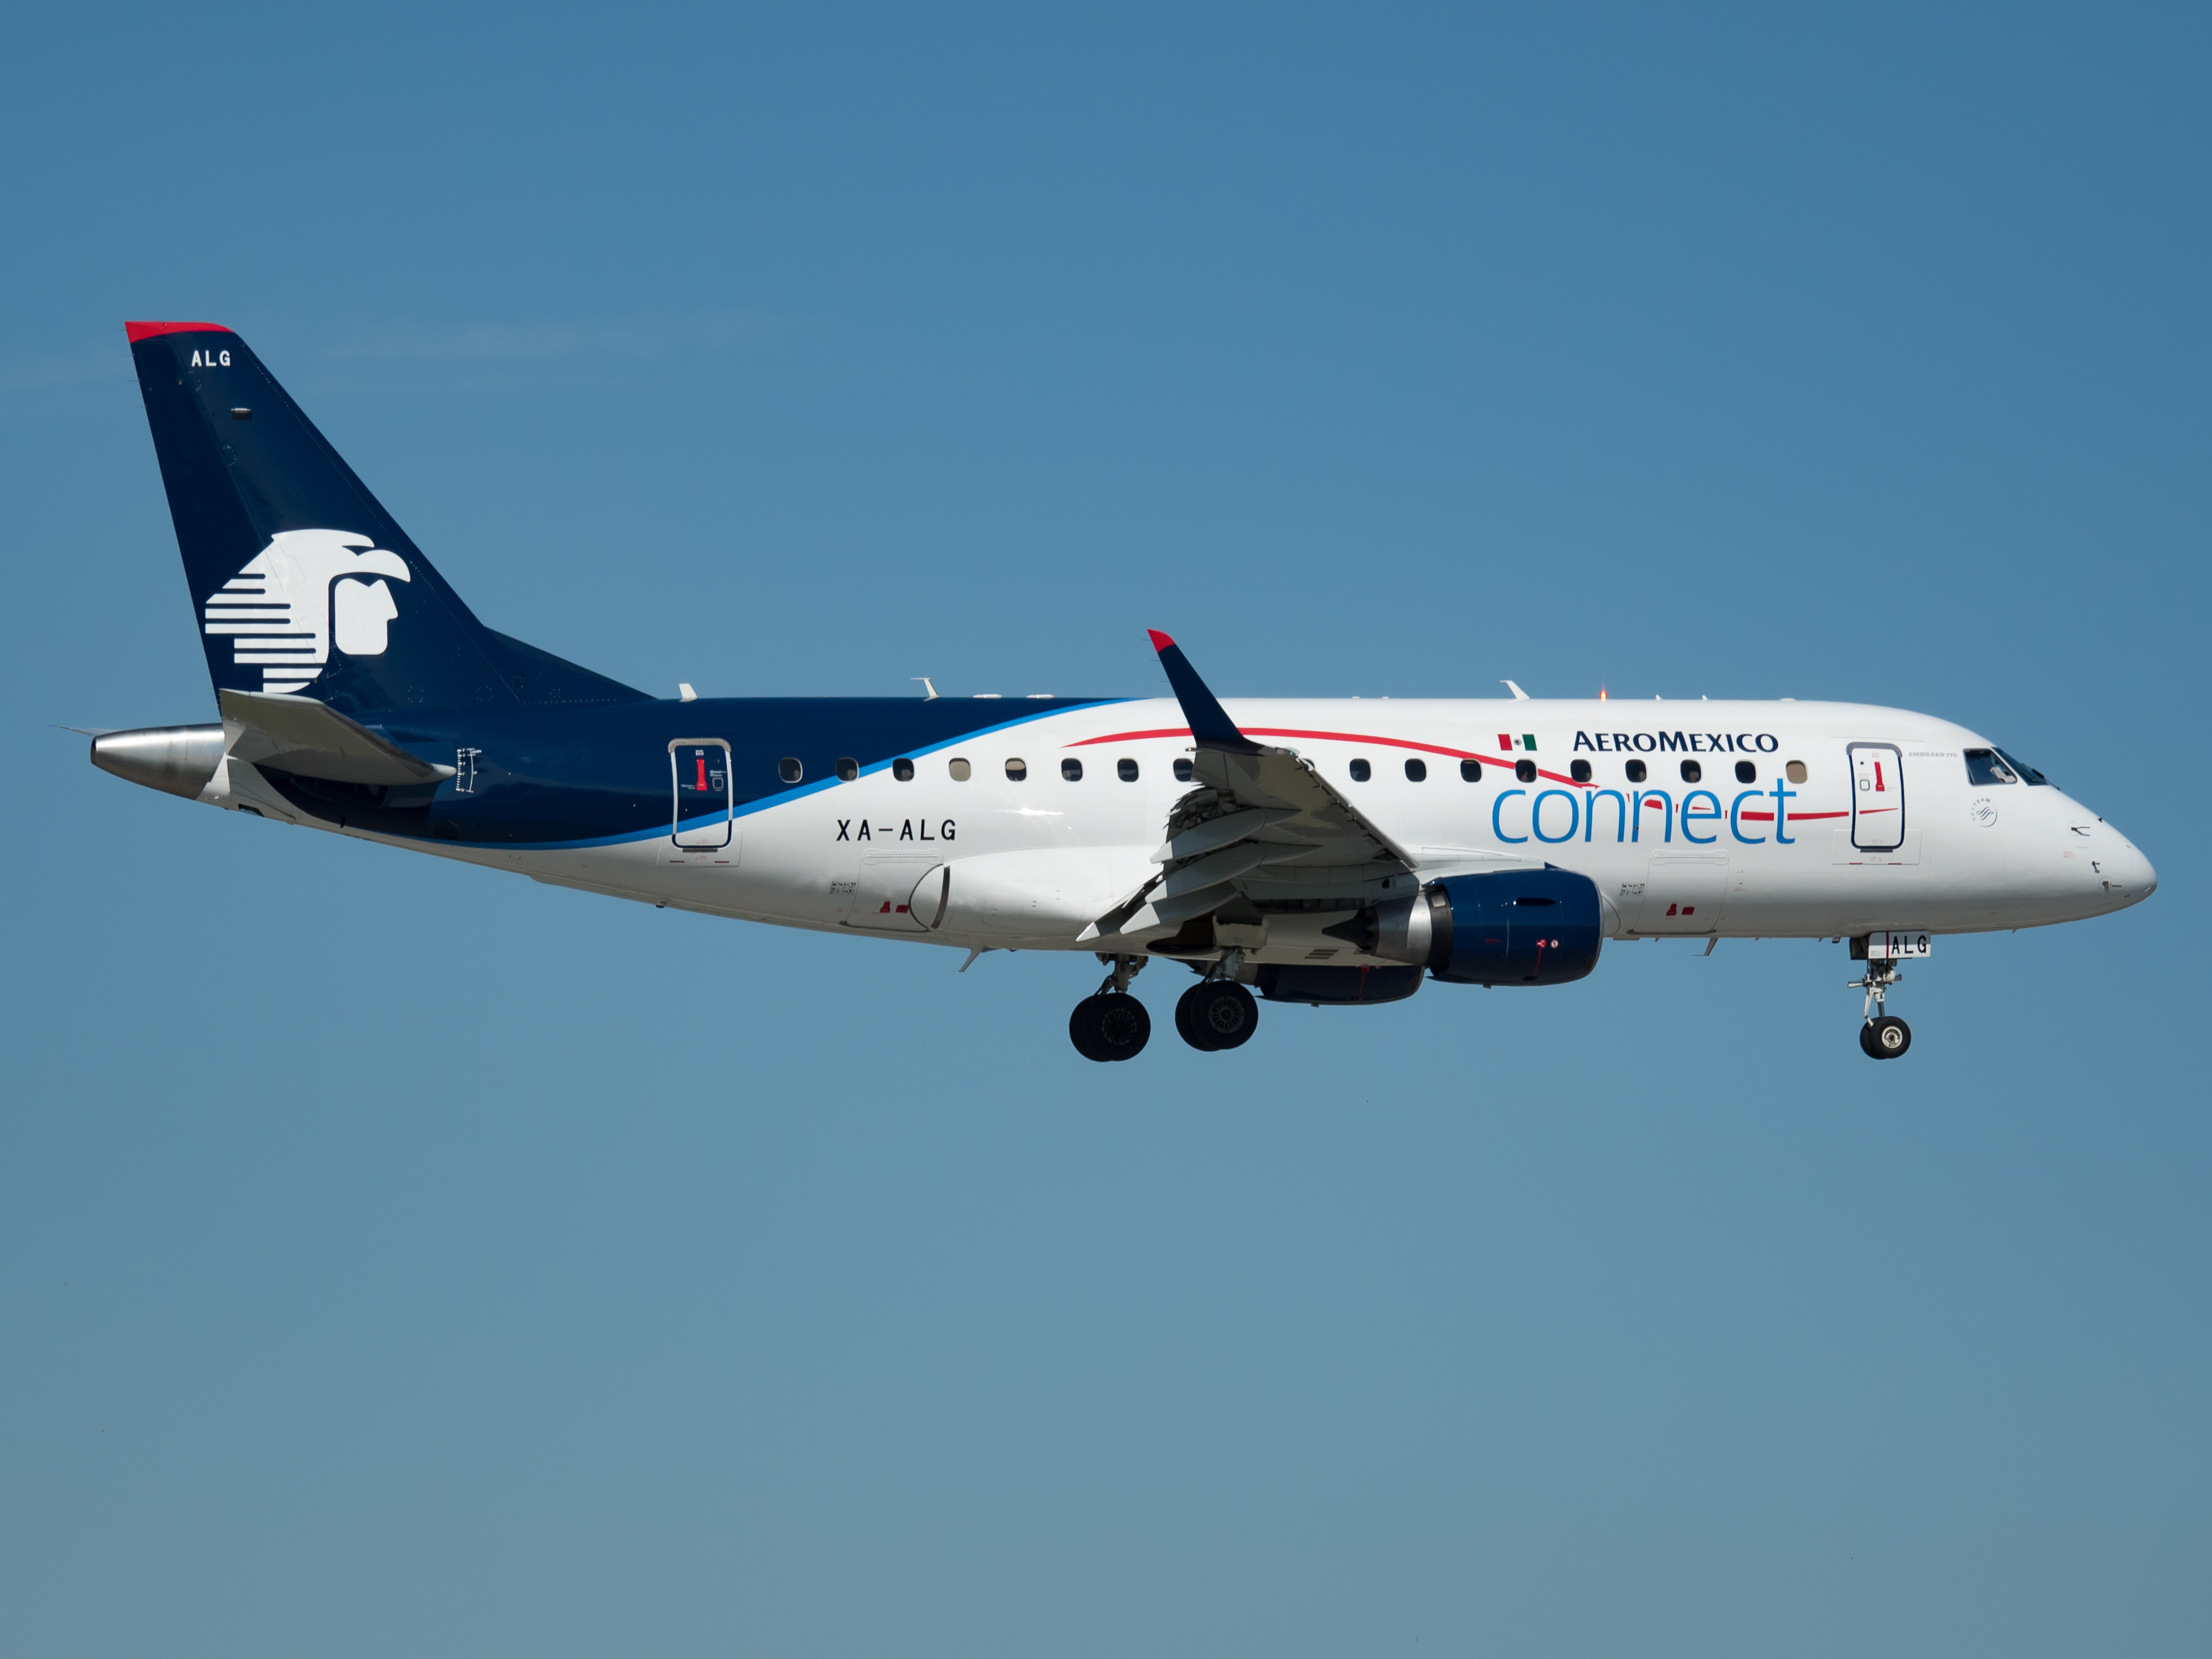 Archivo:Aeroméxico Connect Embraer 170 (XA-ALG) at Miami ...